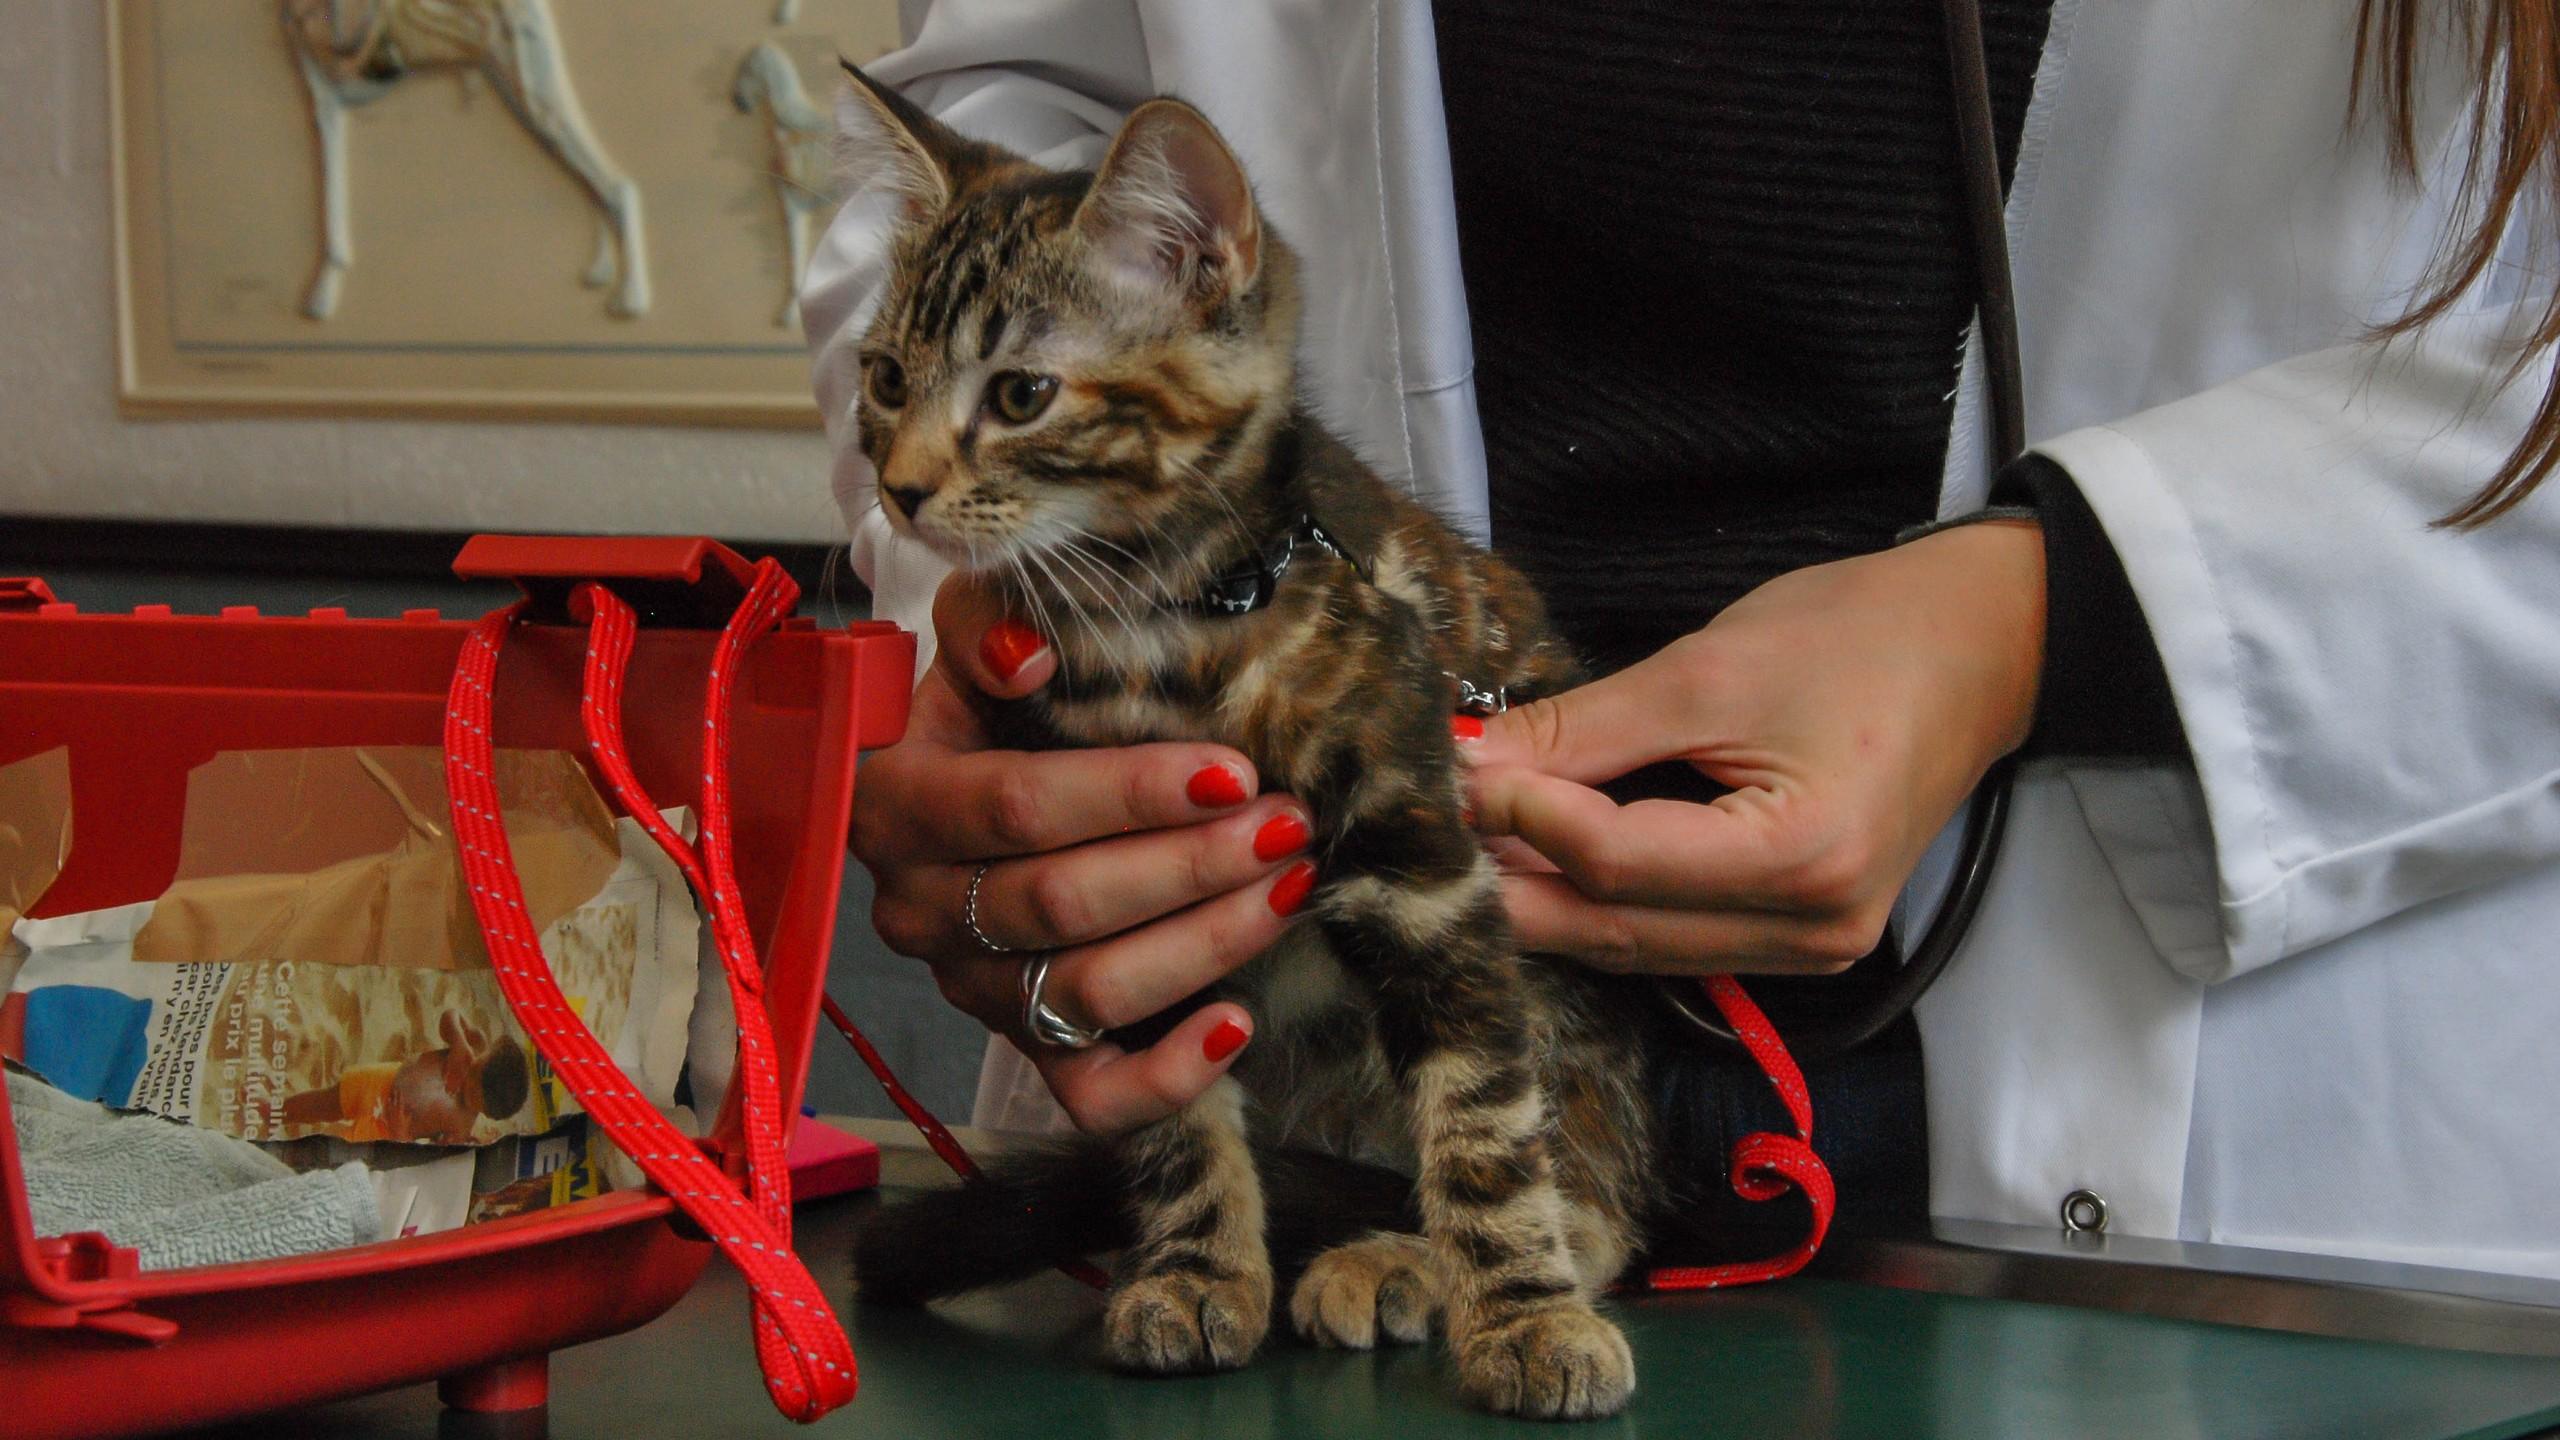 chat allemand gratuit sans inscription